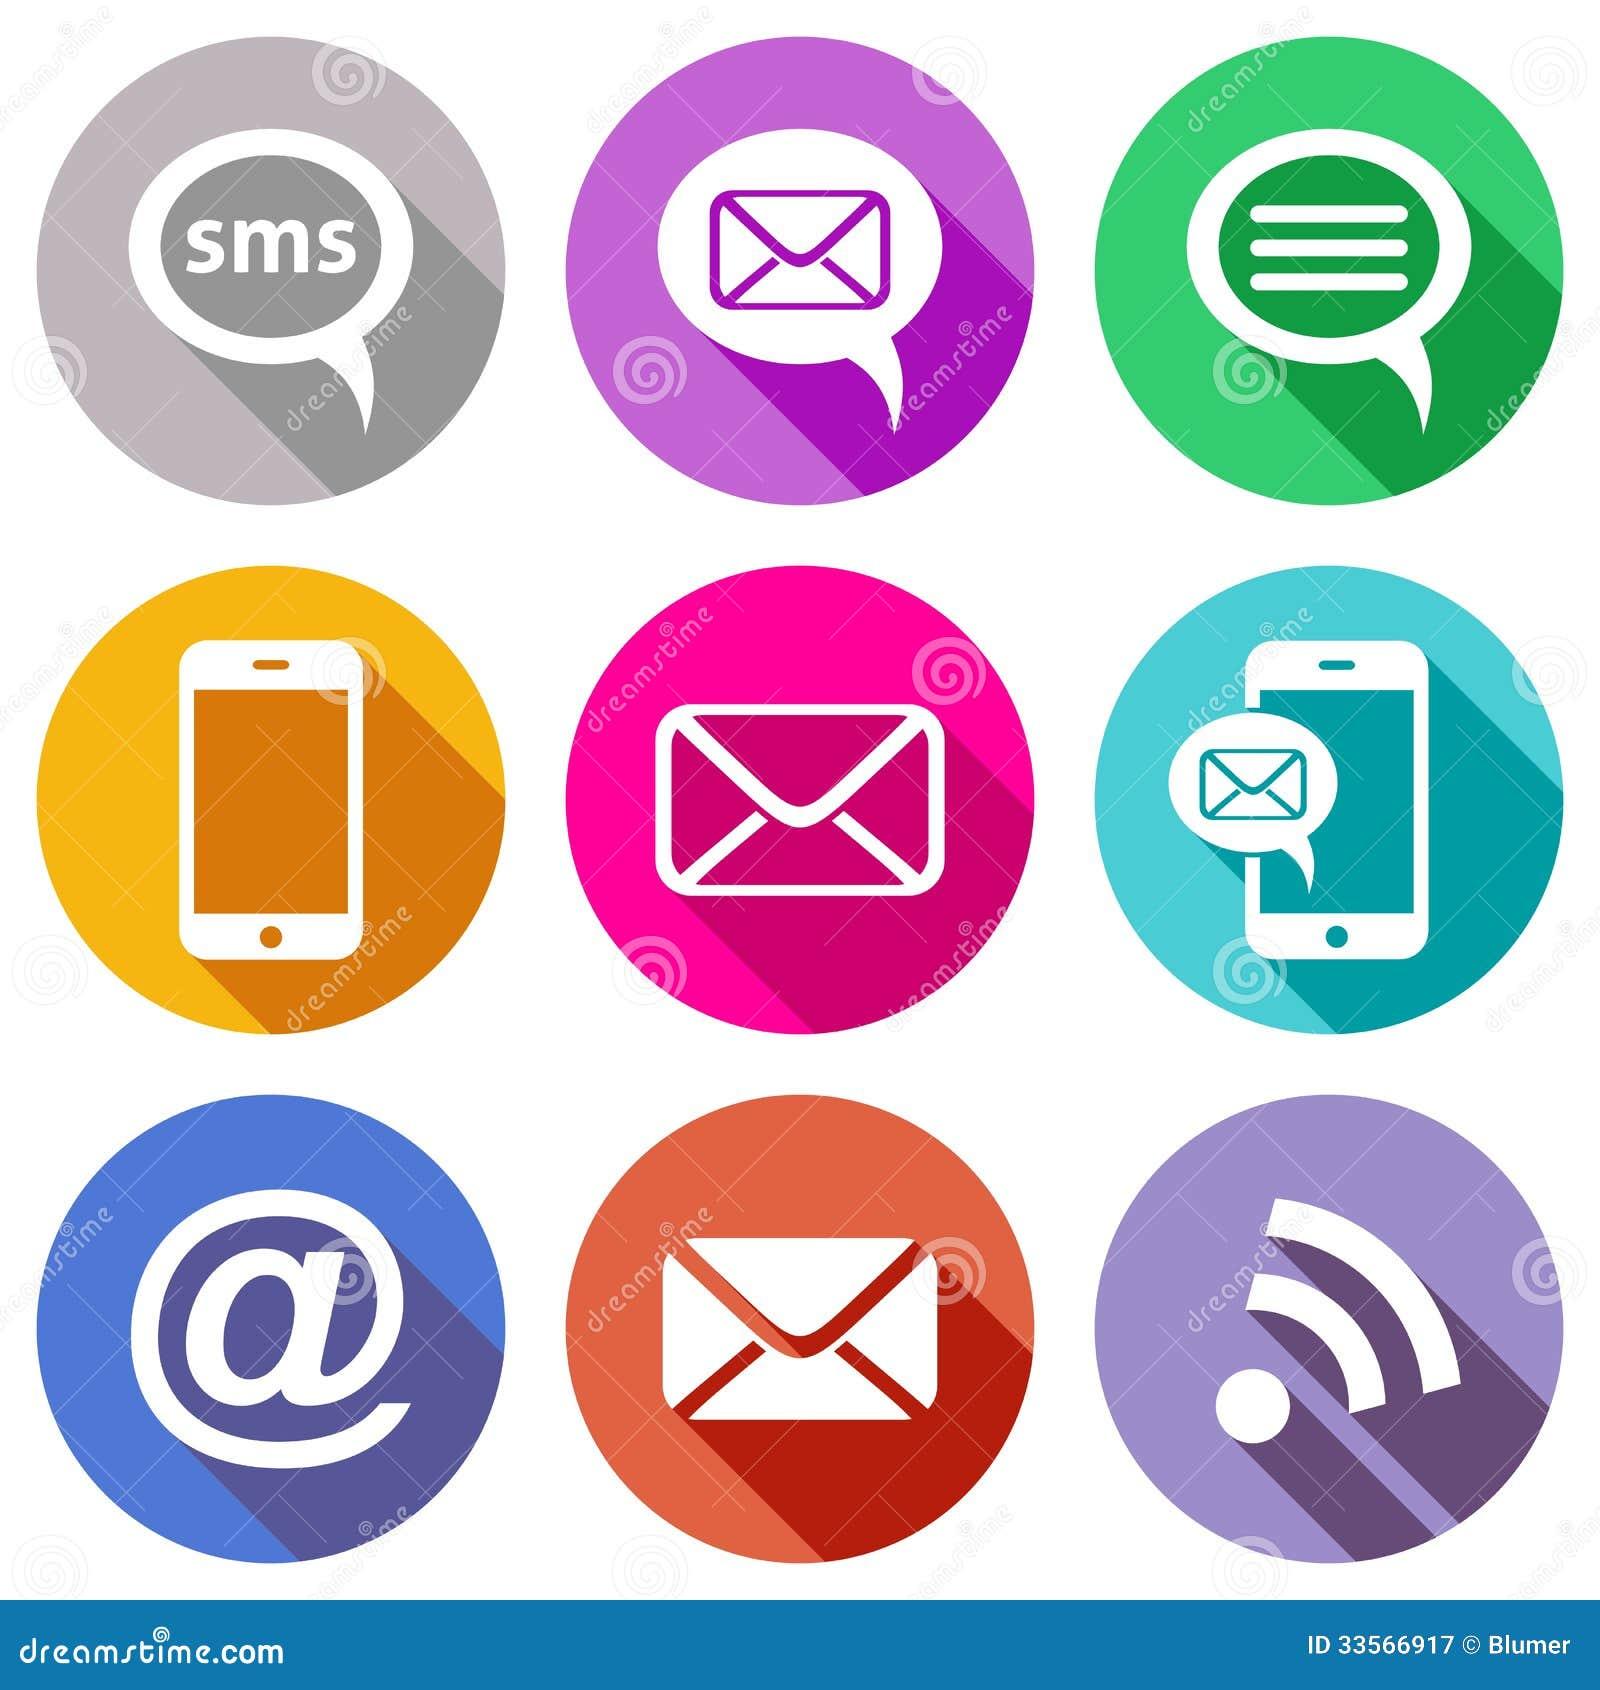 Flat Communication Icons Royalty Free Stock Photography - Image ...